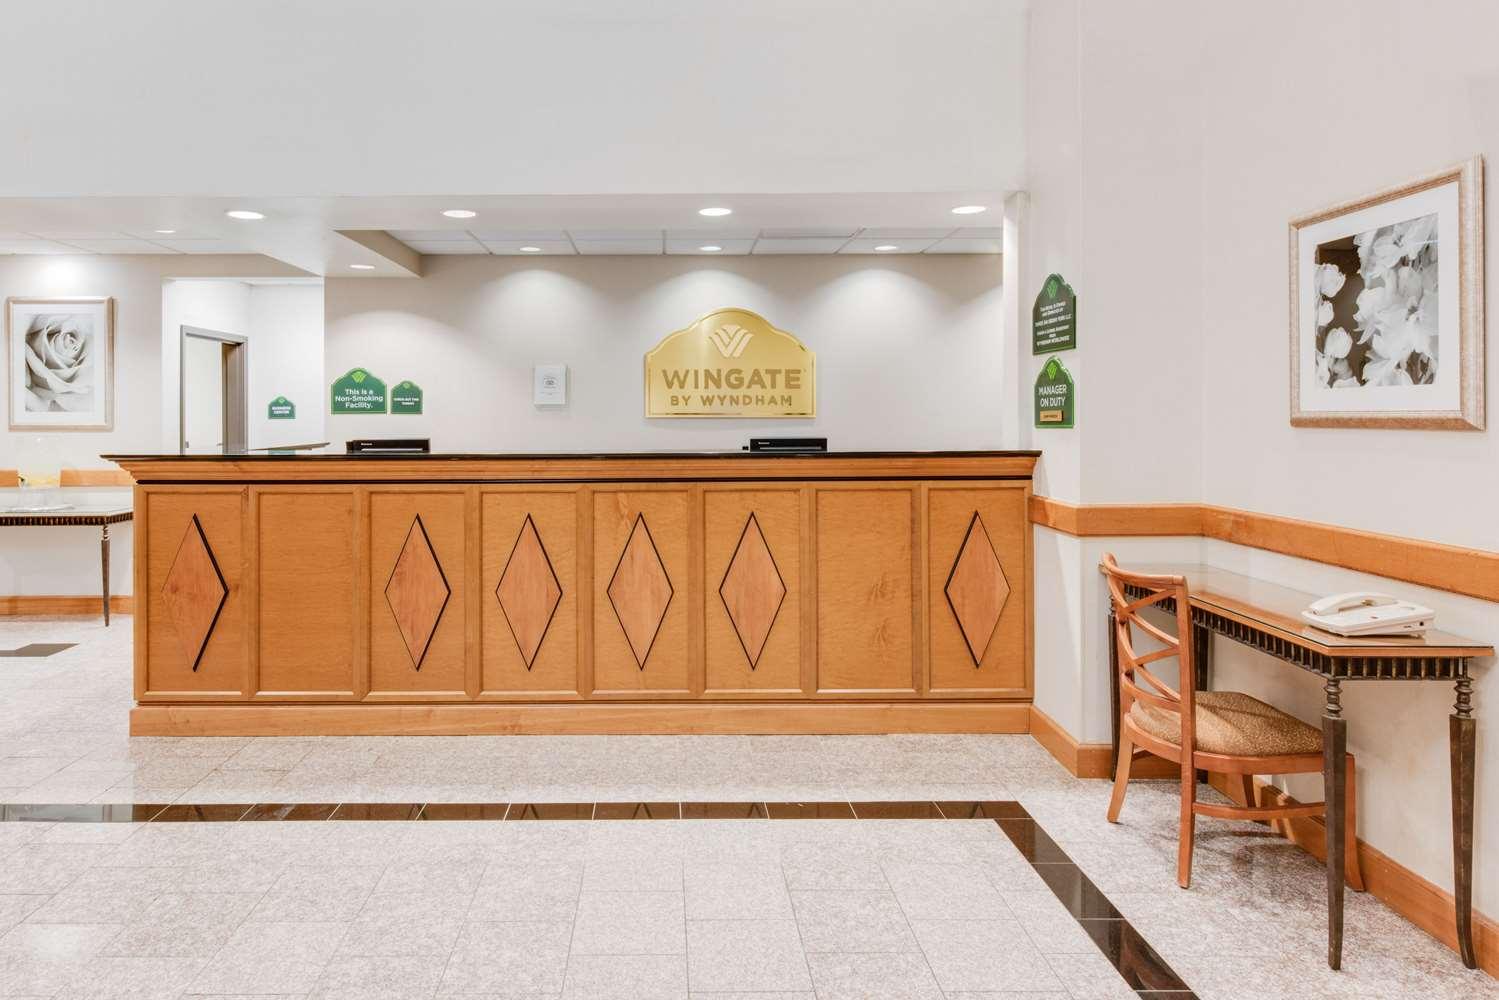 Lobby - Wingate by Wyndham Hotel York